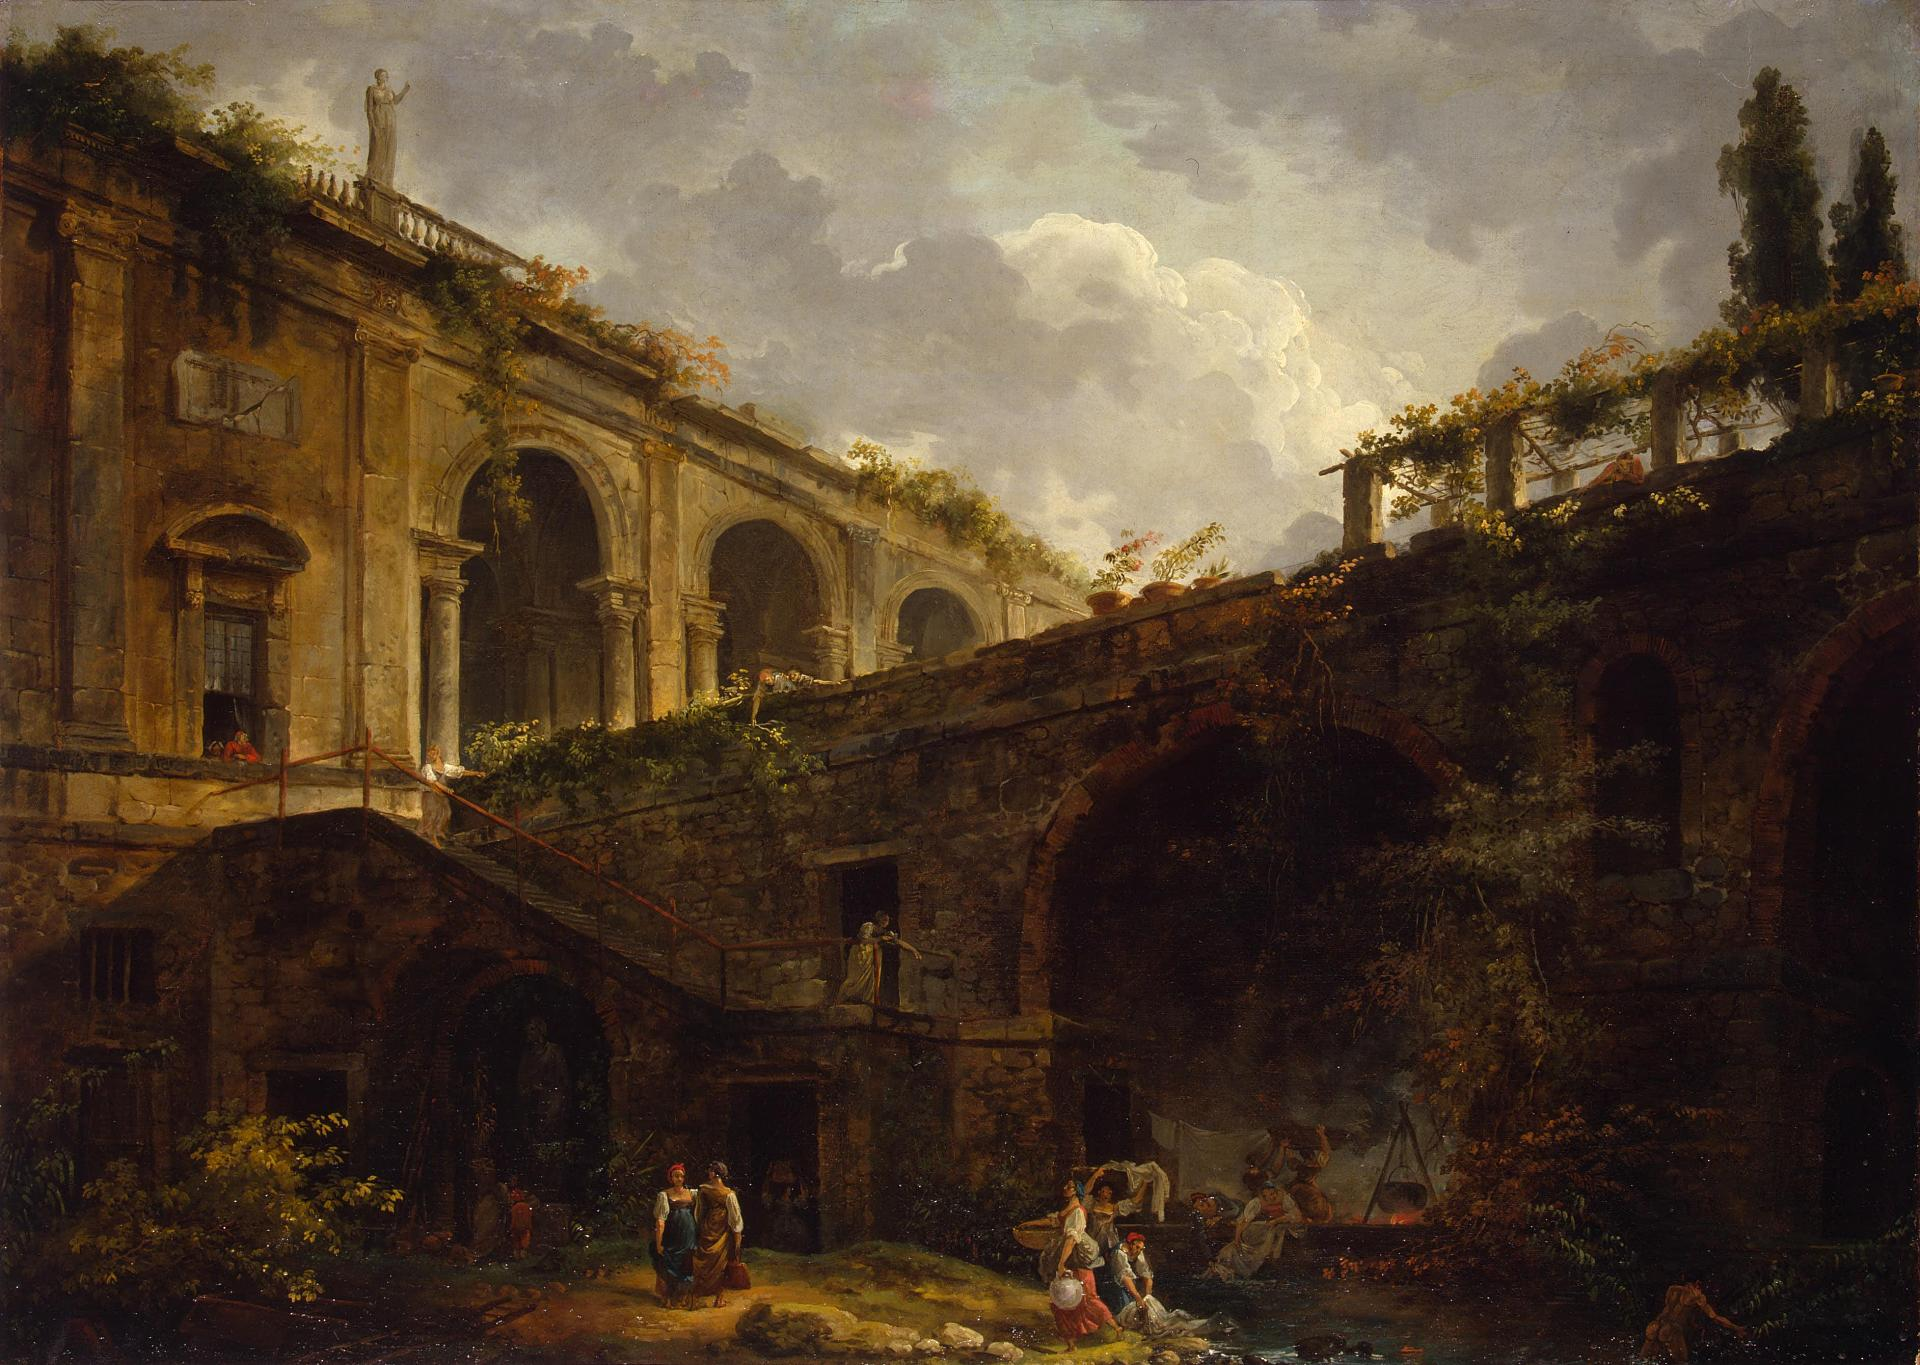 File:Hubert Robert - Villa Madama near Rome (Hermitage